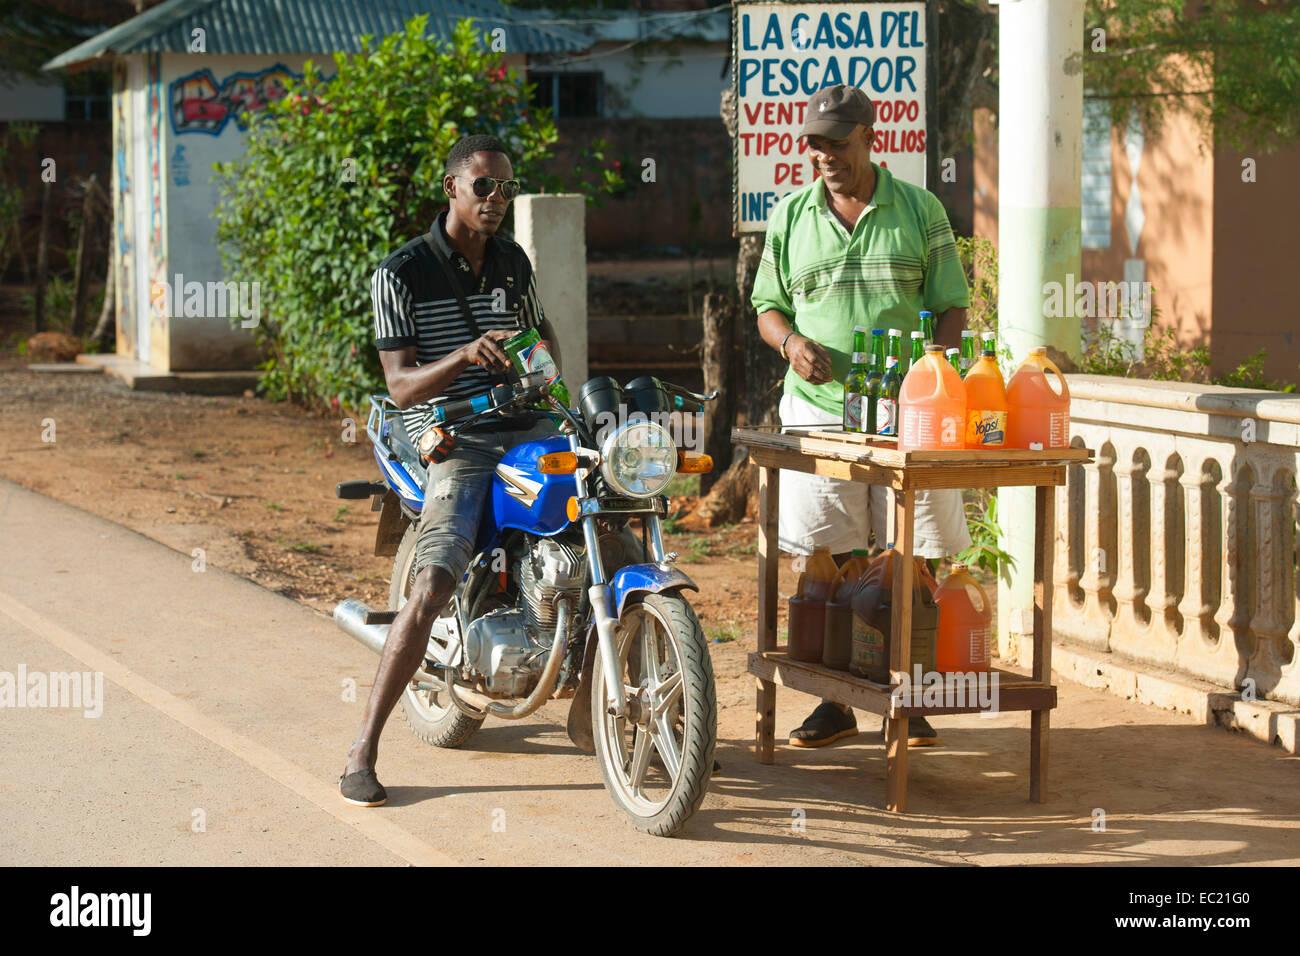 Dominikanische Republik, Halbinsel Samana, Los Galeras, Benzinverkauf an der Strasse Stock Photo